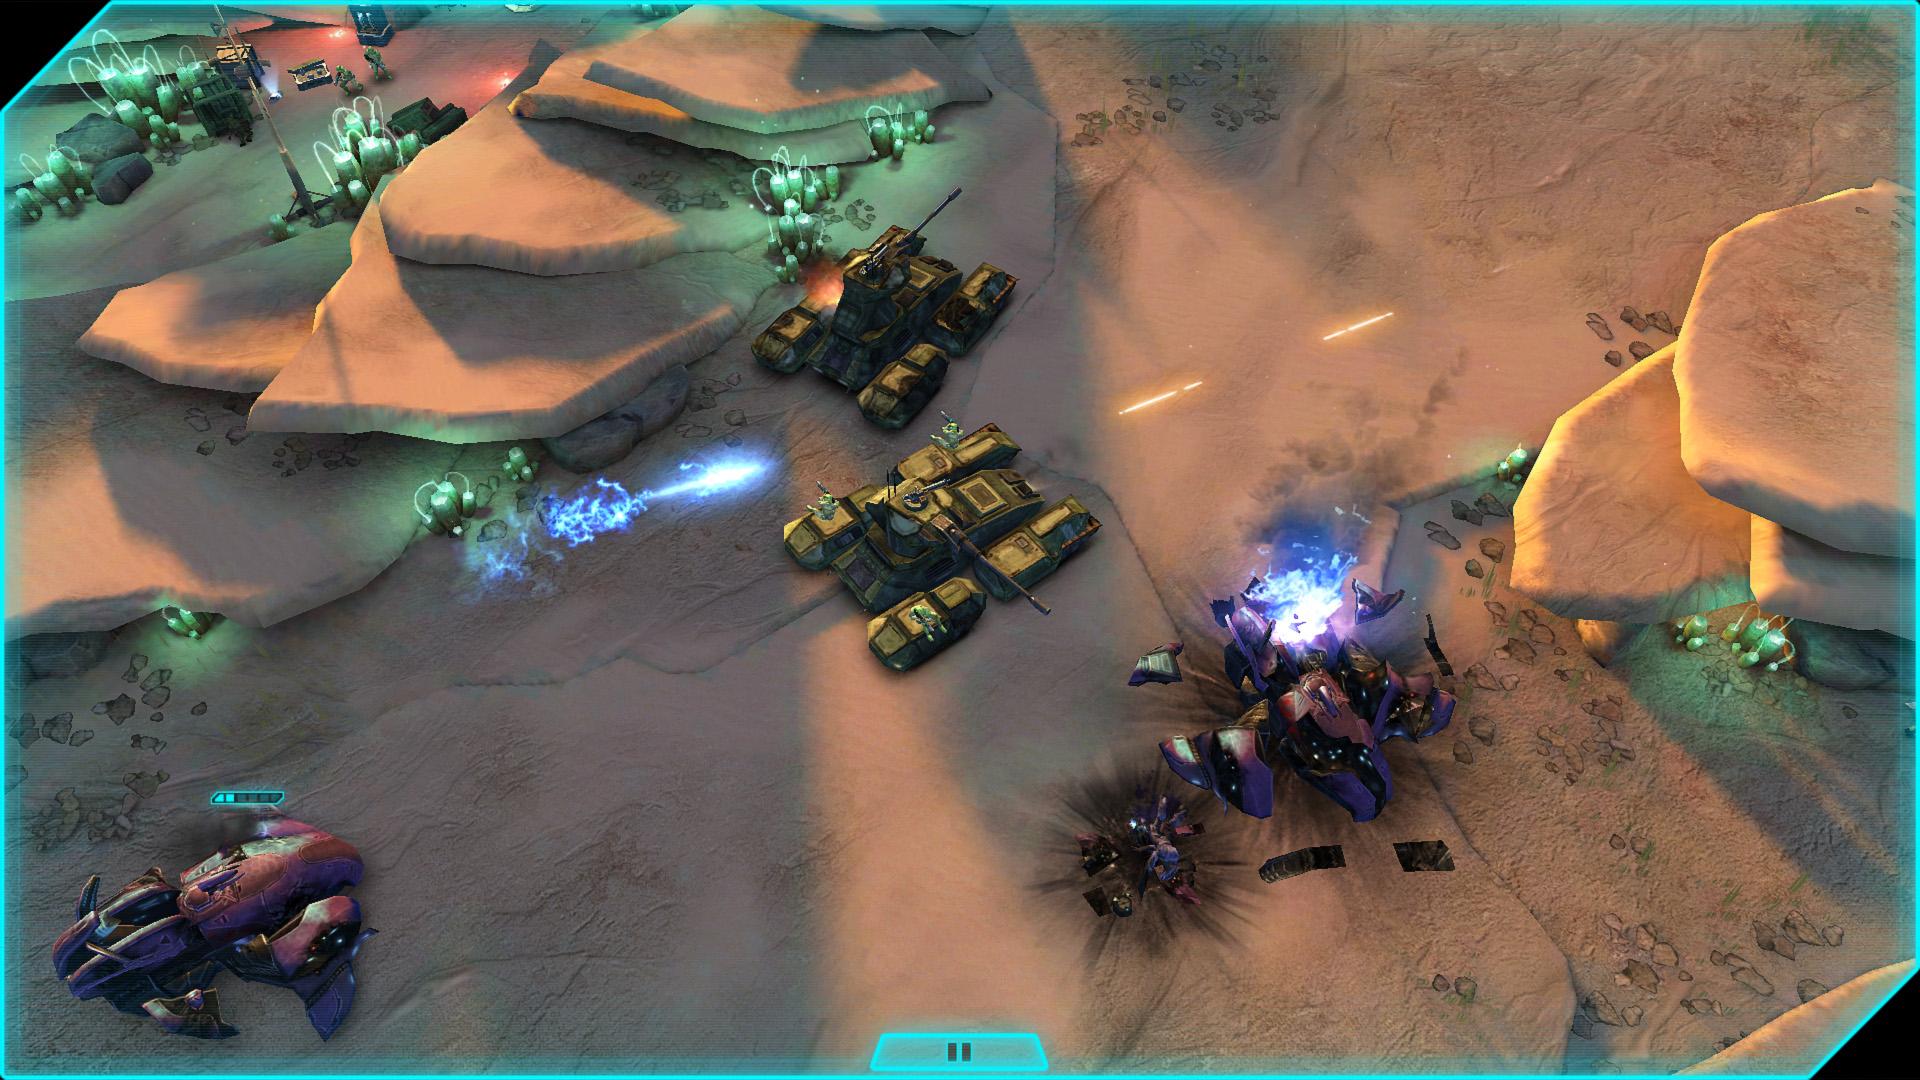 Halo spartan assault wallpaper